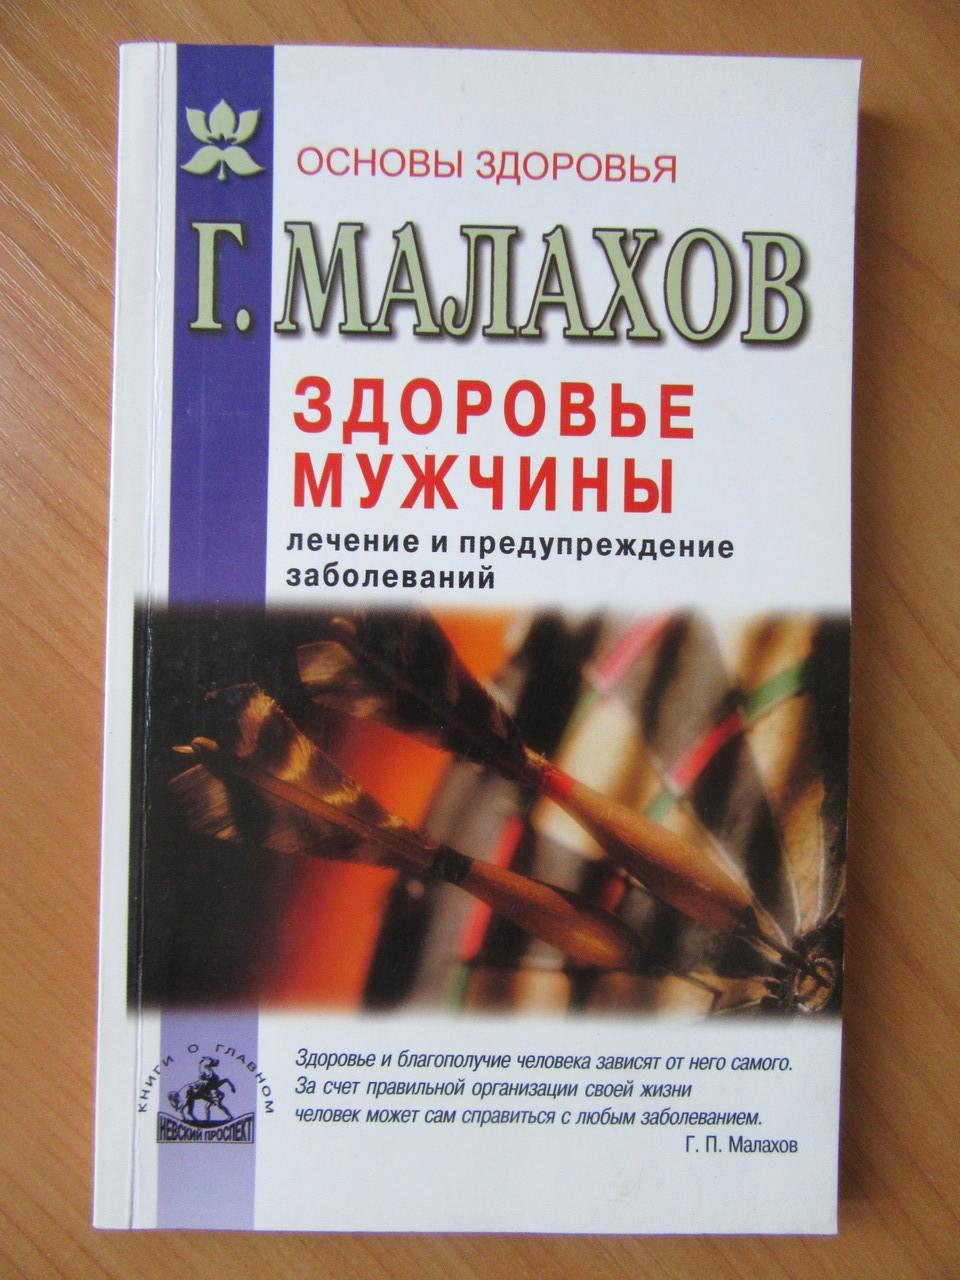 Г.Малахов. Здоровье мужчины. Лечение и предупреждение заболеваний